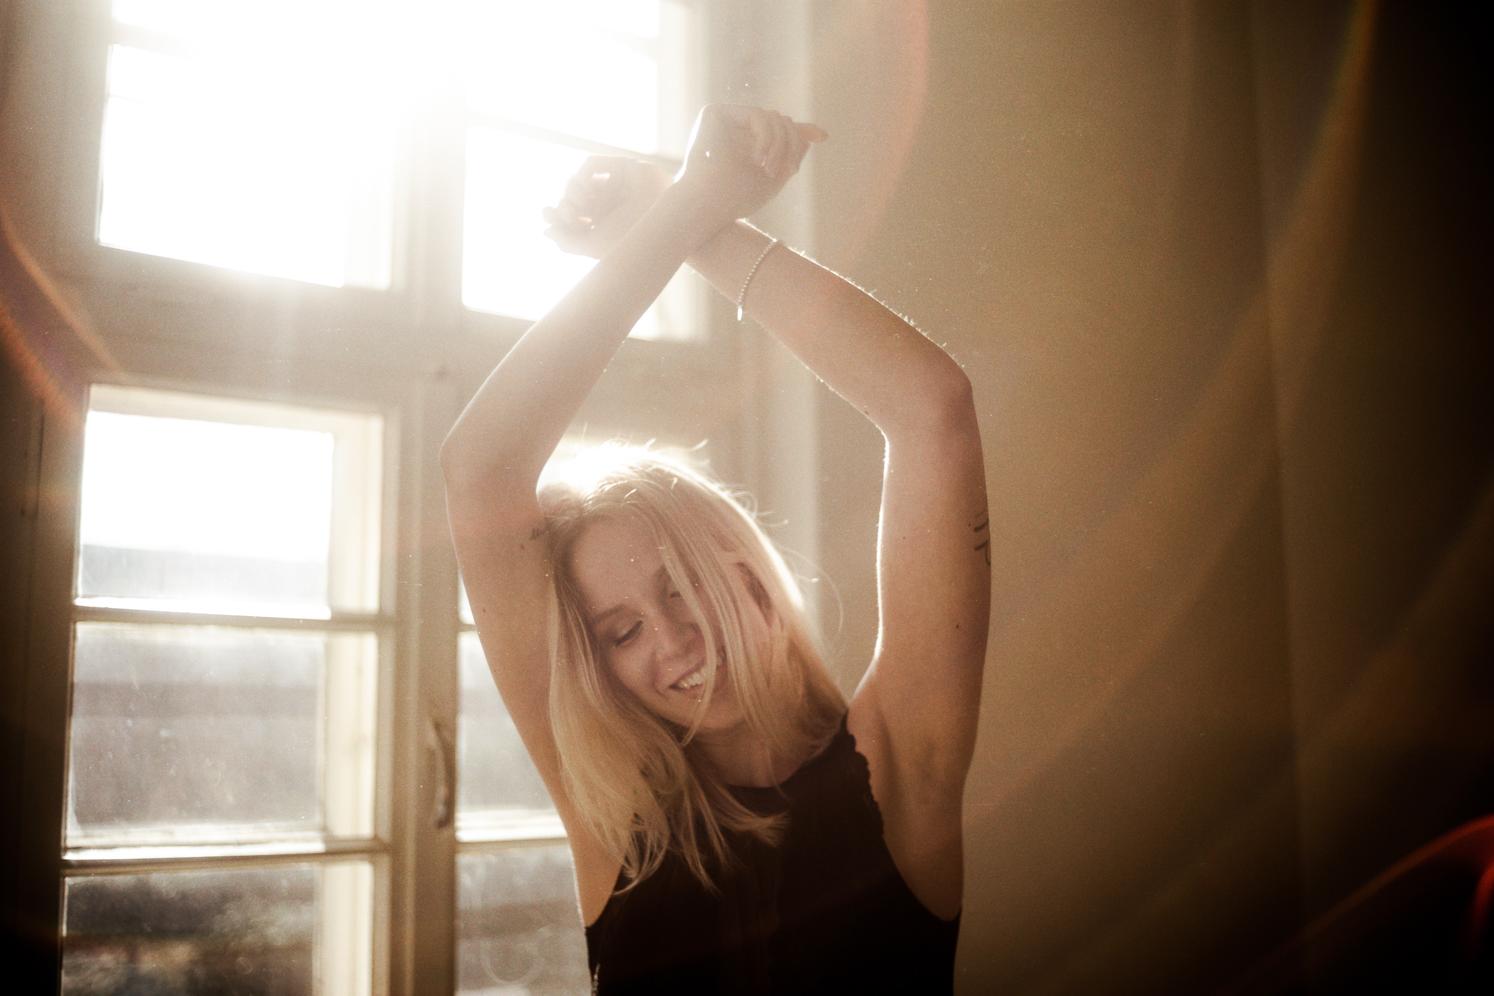 Fotoshooting im Gegenlicht Junge Frau lacht